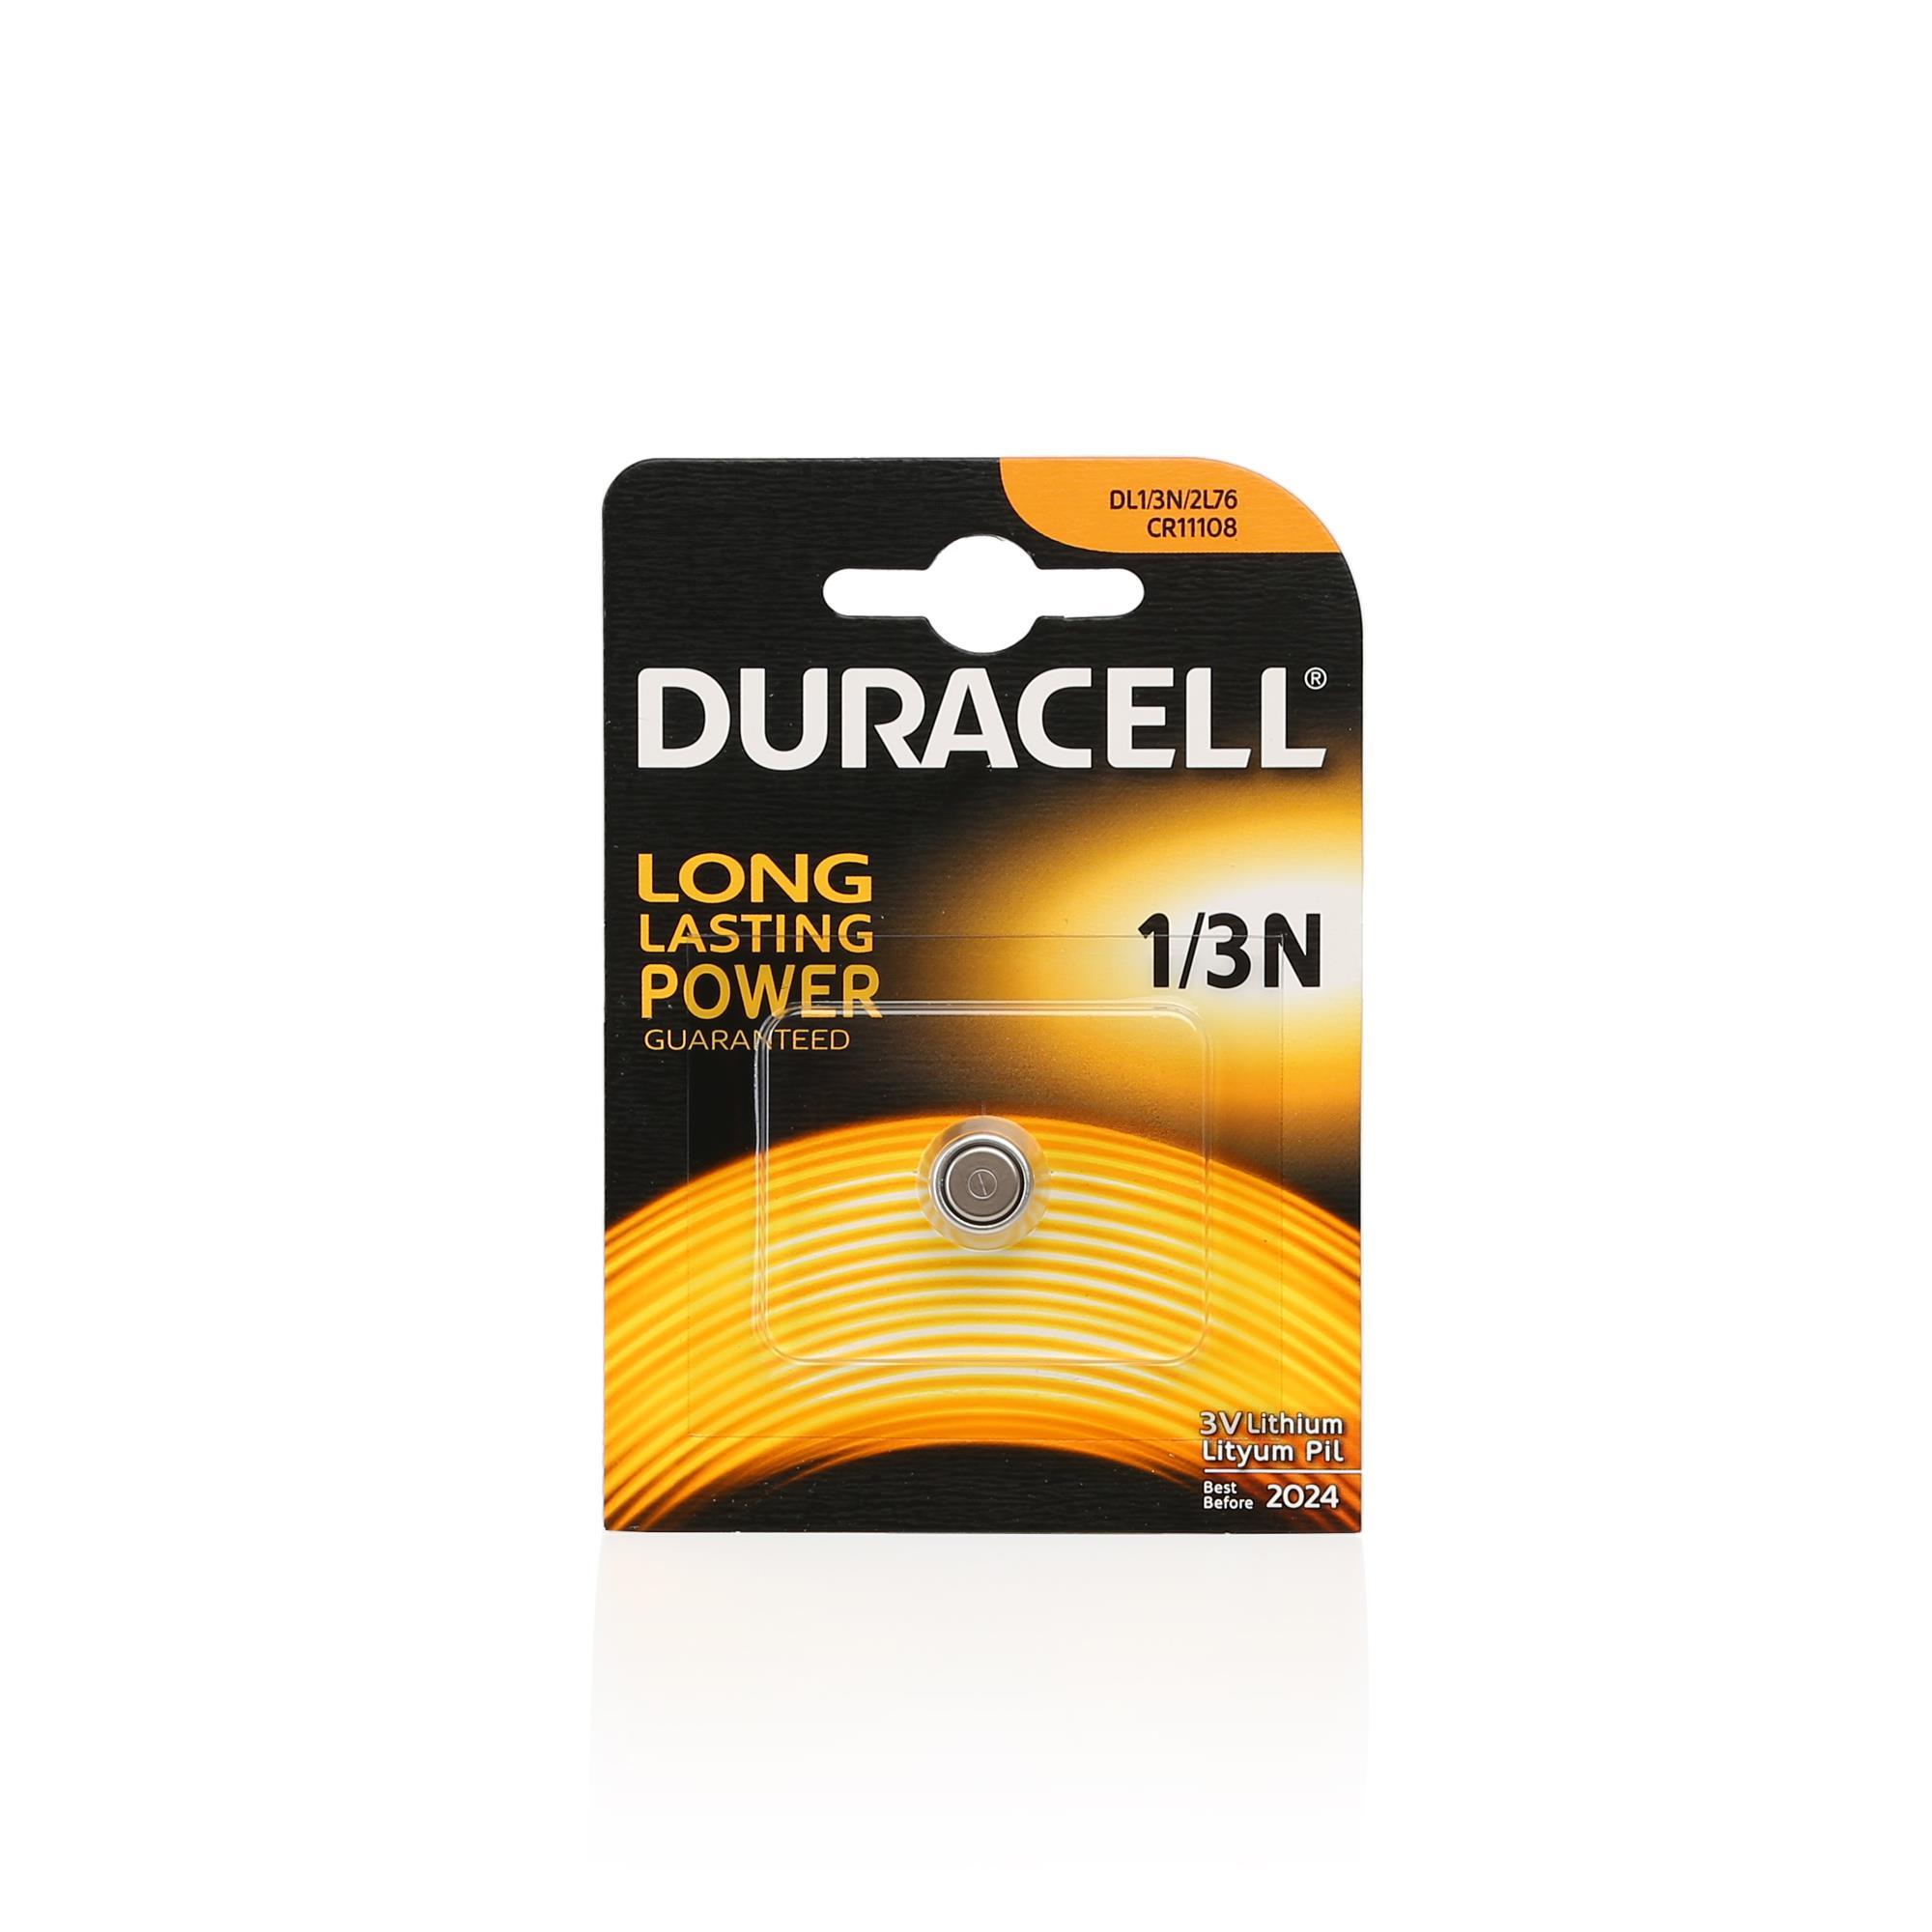 DURACELL 1/3N-2L76-CR11108 LITHIUM 3V PİL 1Lİ